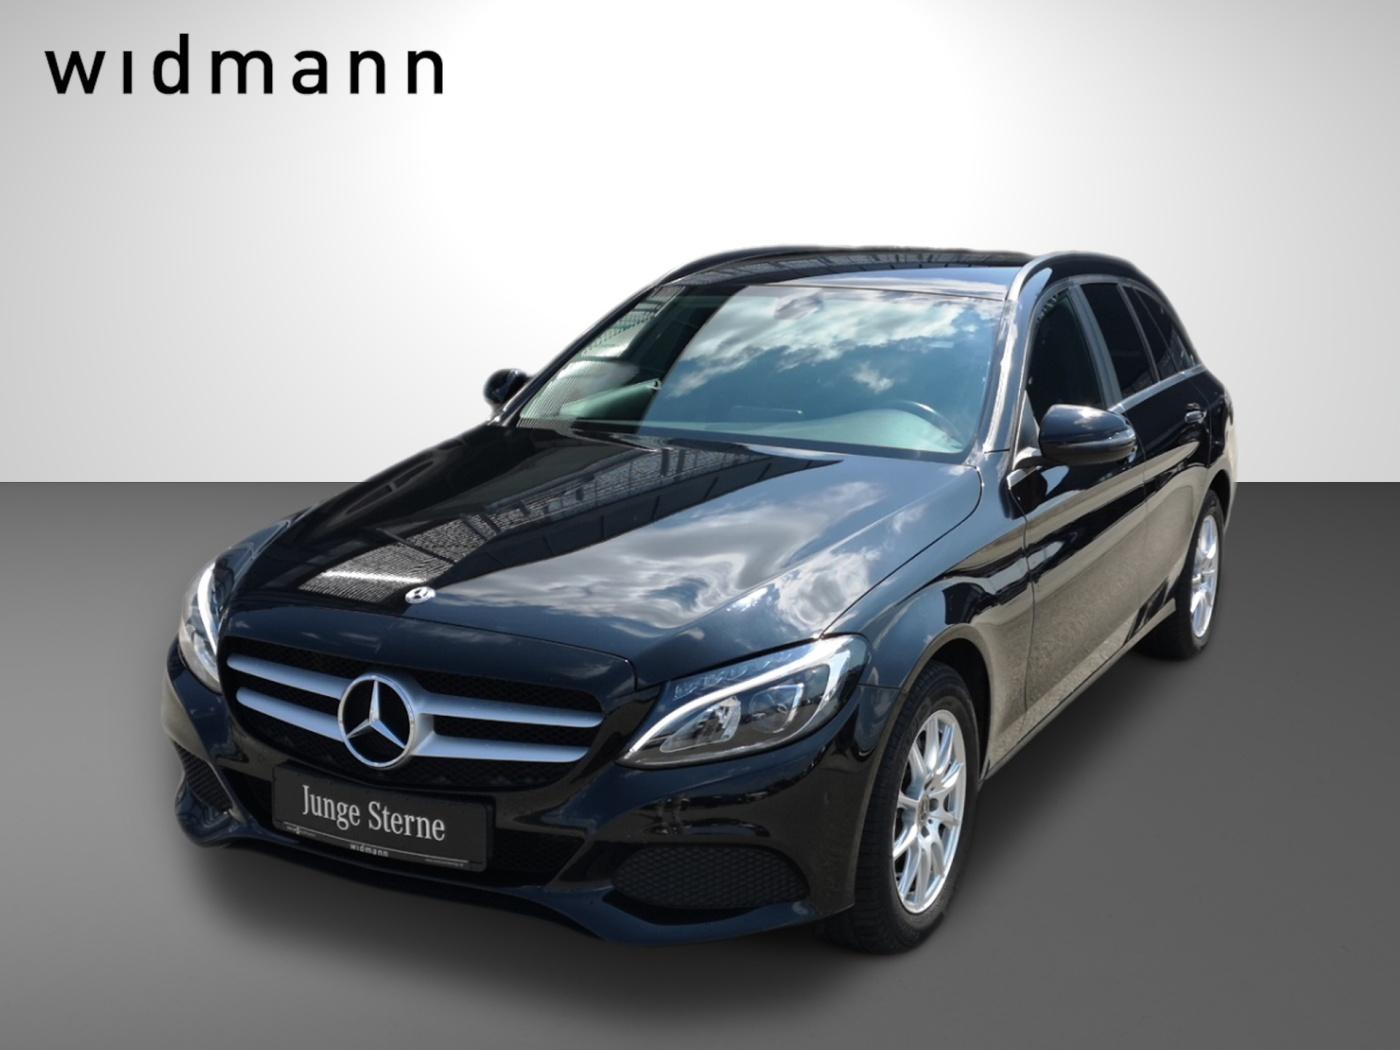 Mercedes-Benz C 200 d T *LED*Navi*9G-TRONIC*Sitzhzg*Klimaautom, Jahr 2018, Diesel